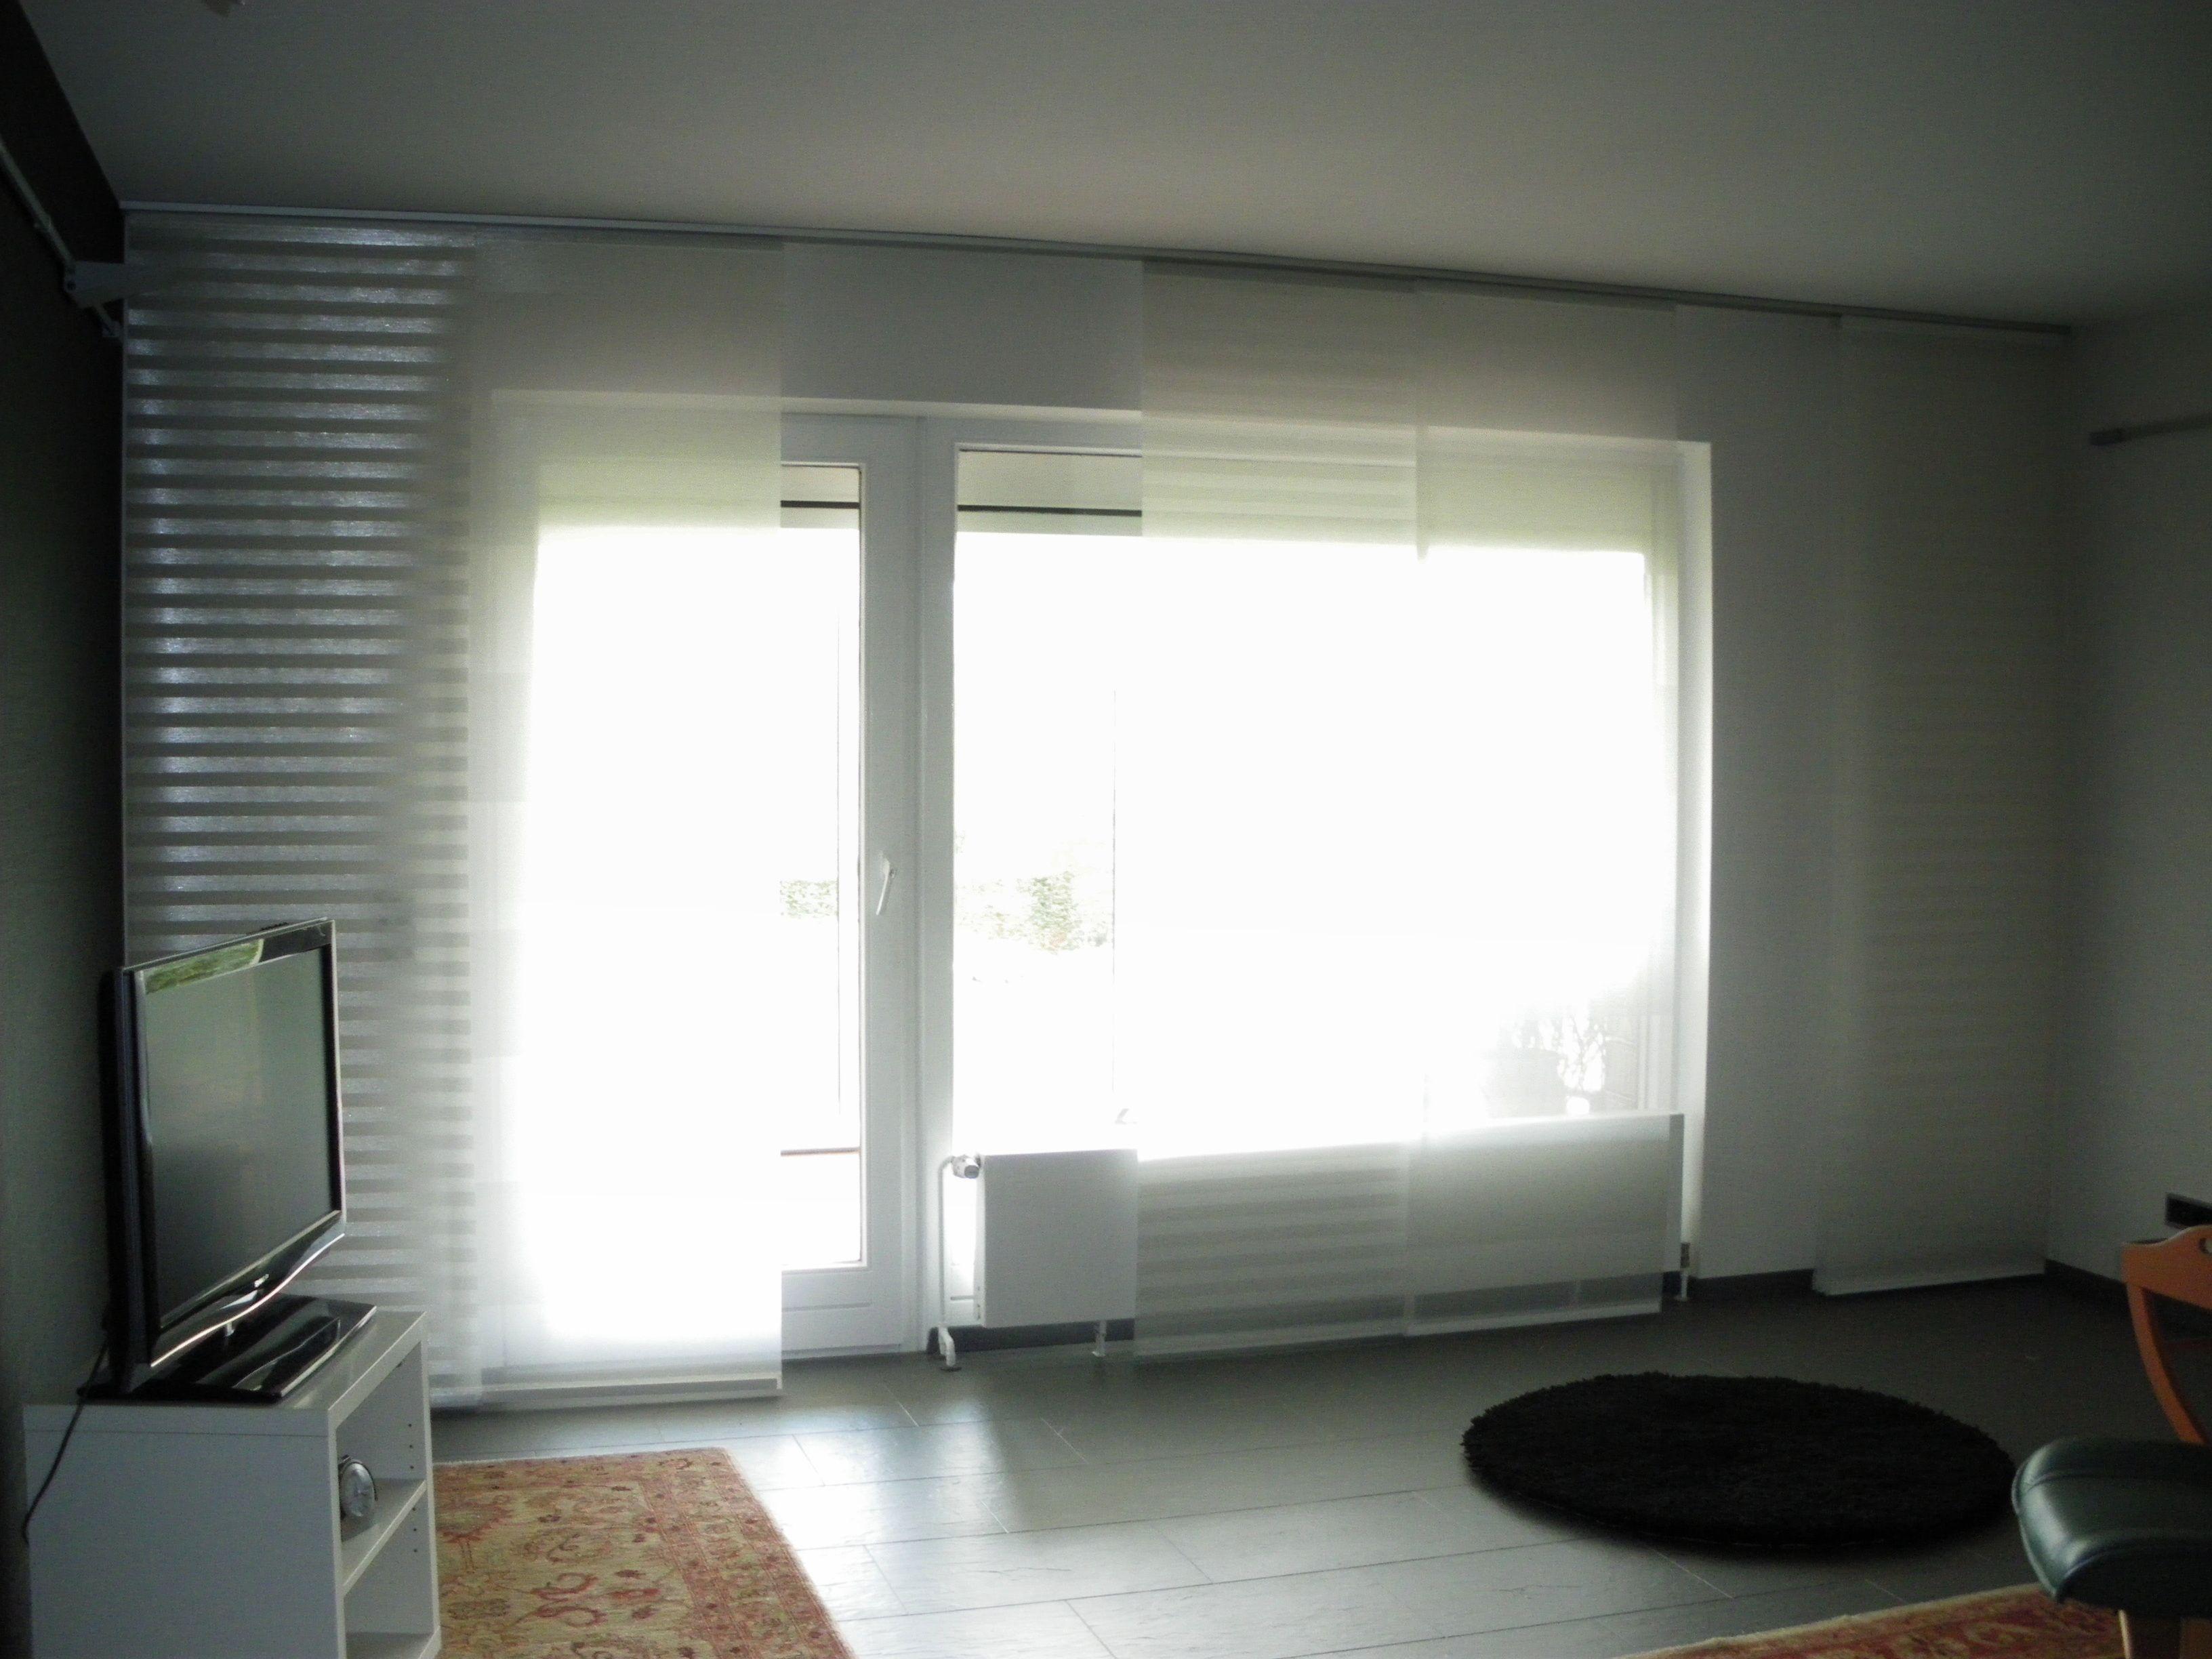 Delightful Moderne Wohnzimmer Dekoration Mit Flächenvorhängen, Deckenschiene  Mehrläufig Aus Aluminium, Paneele Glänzend Und Matt